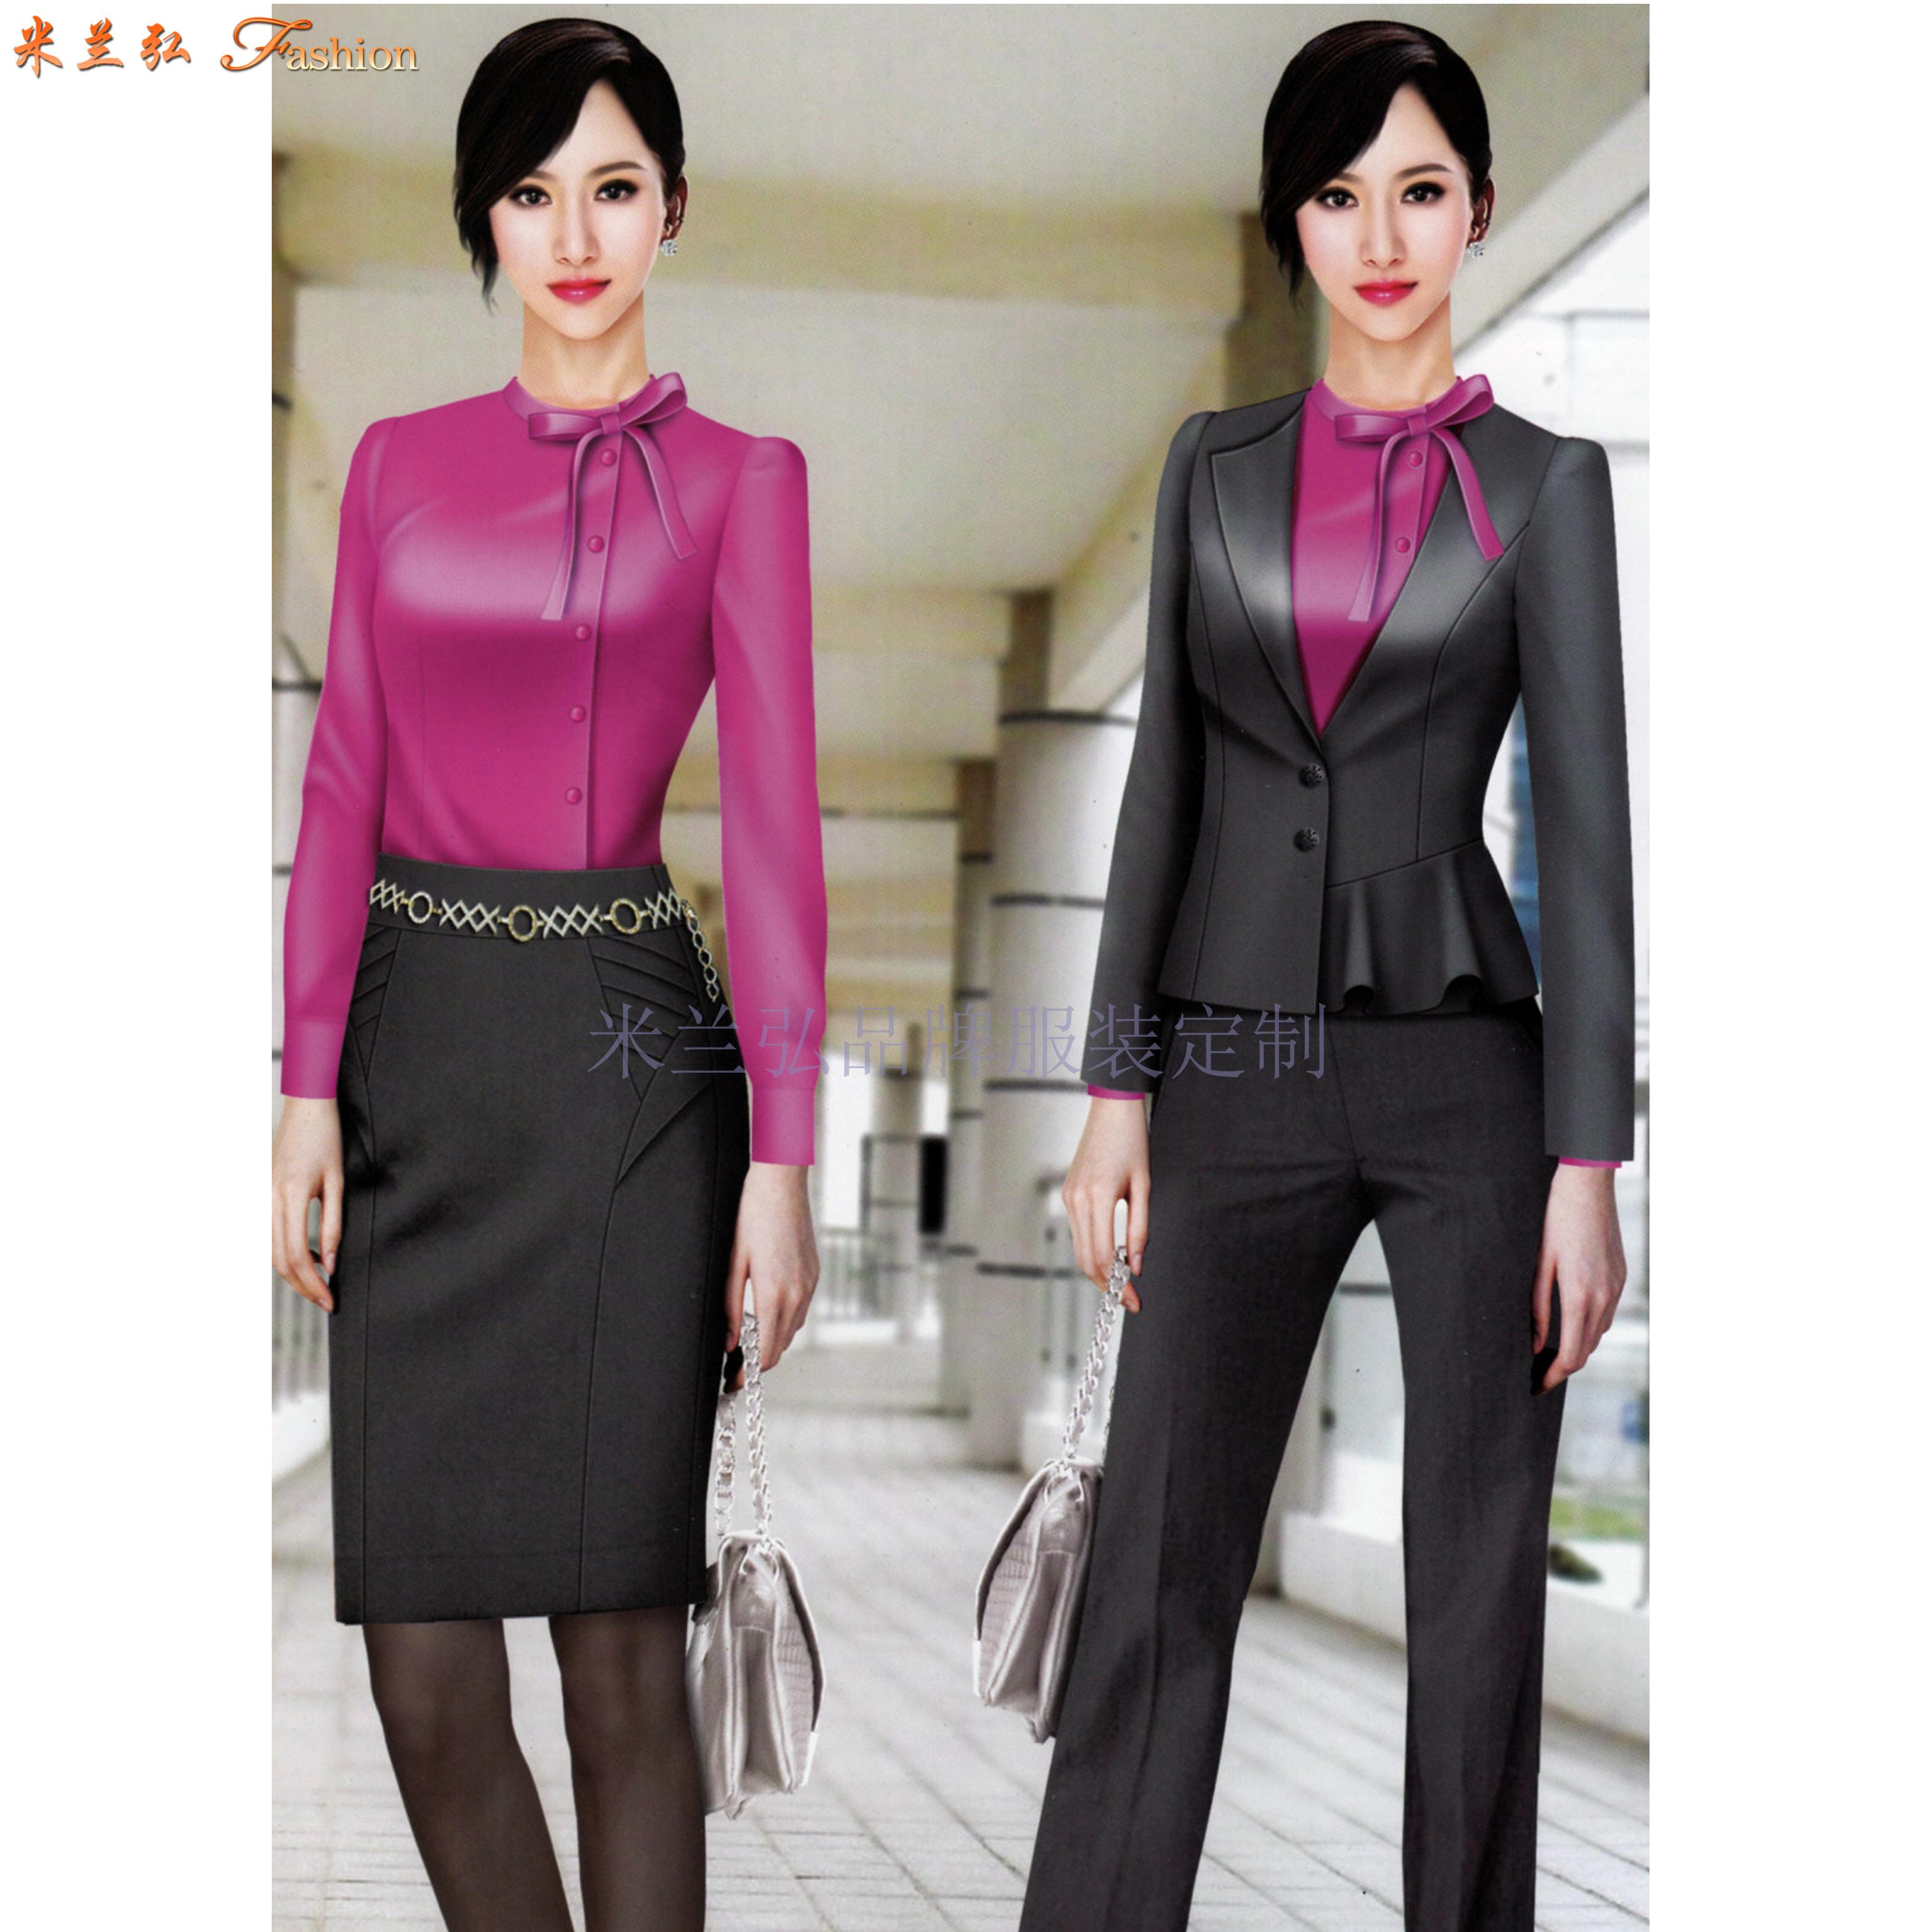 「修身女西服」采購批發市場優質女士西服價格品牌廠商_米蘭弘-2